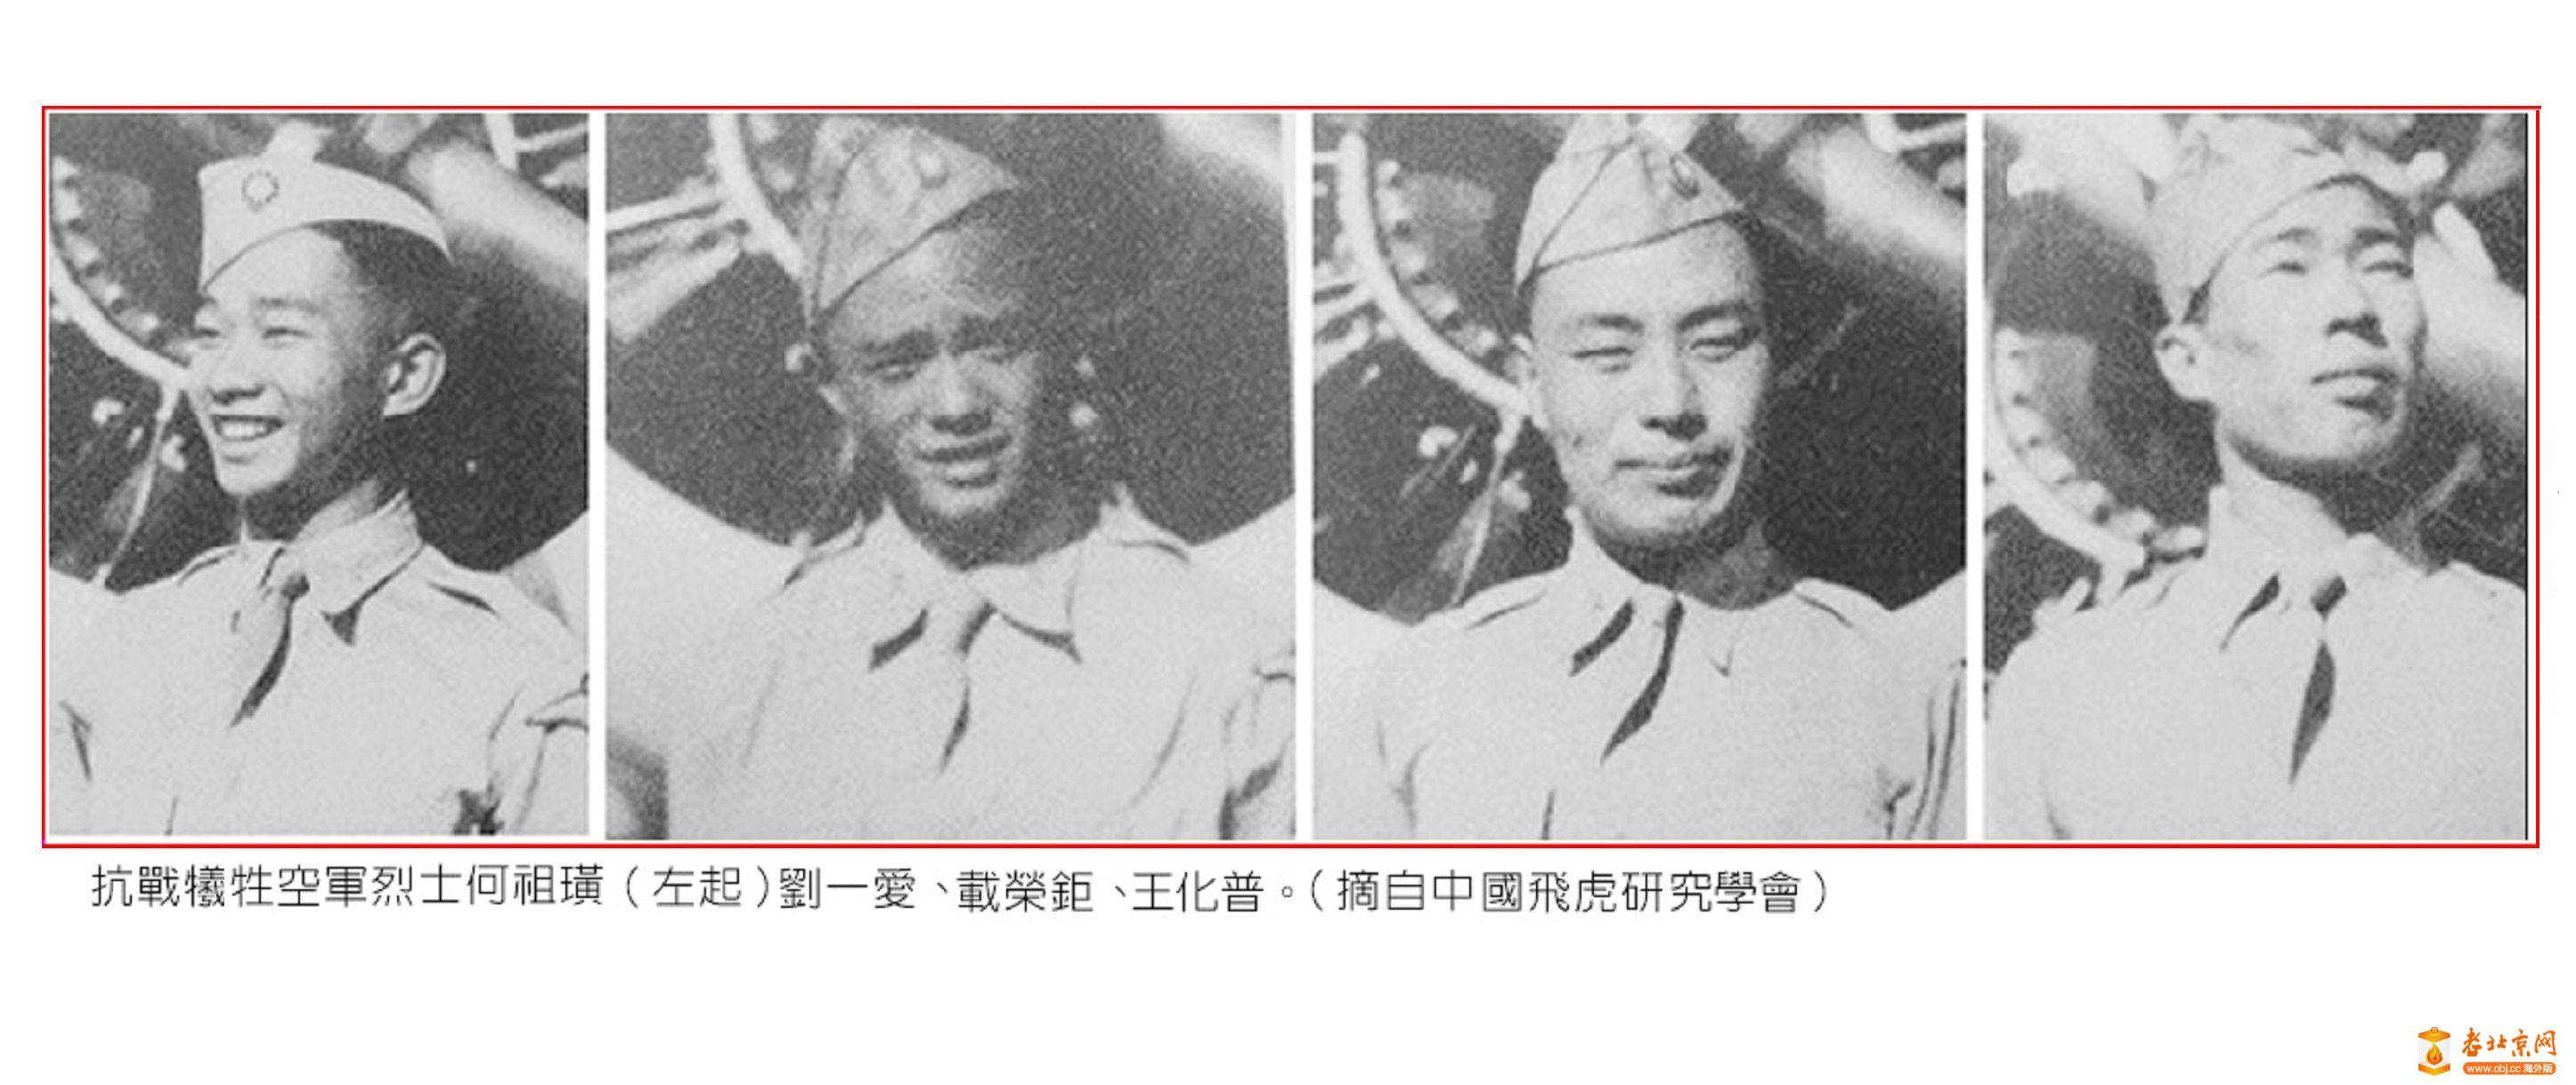 正义复位 记重庆汪山空军英烈  墓次图的秘密(之三)